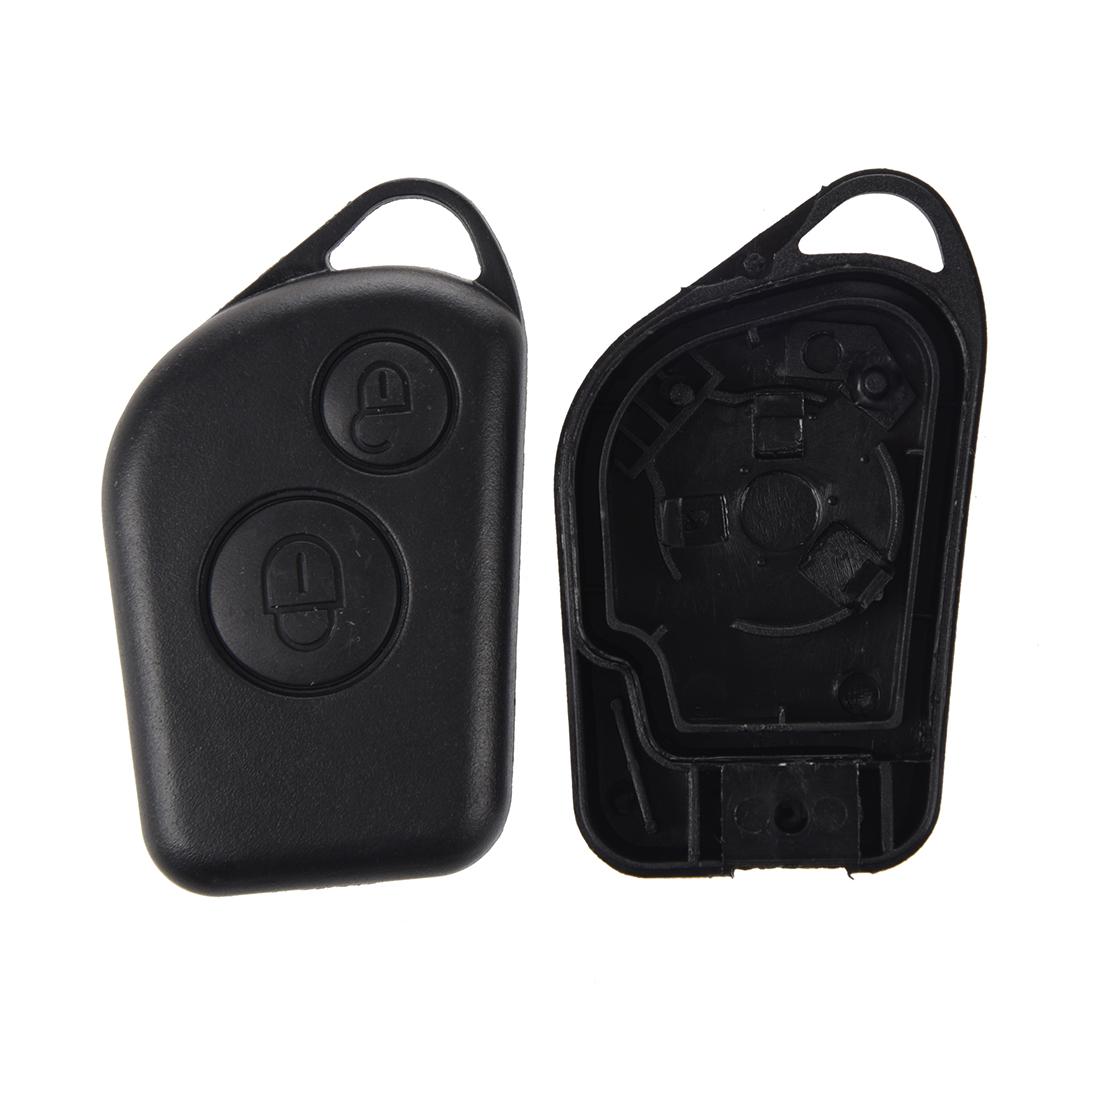 2x coque de cle telecommande voiture 2 boutons pour cetroen saxo cetroen xsara ebay. Black Bedroom Furniture Sets. Home Design Ideas